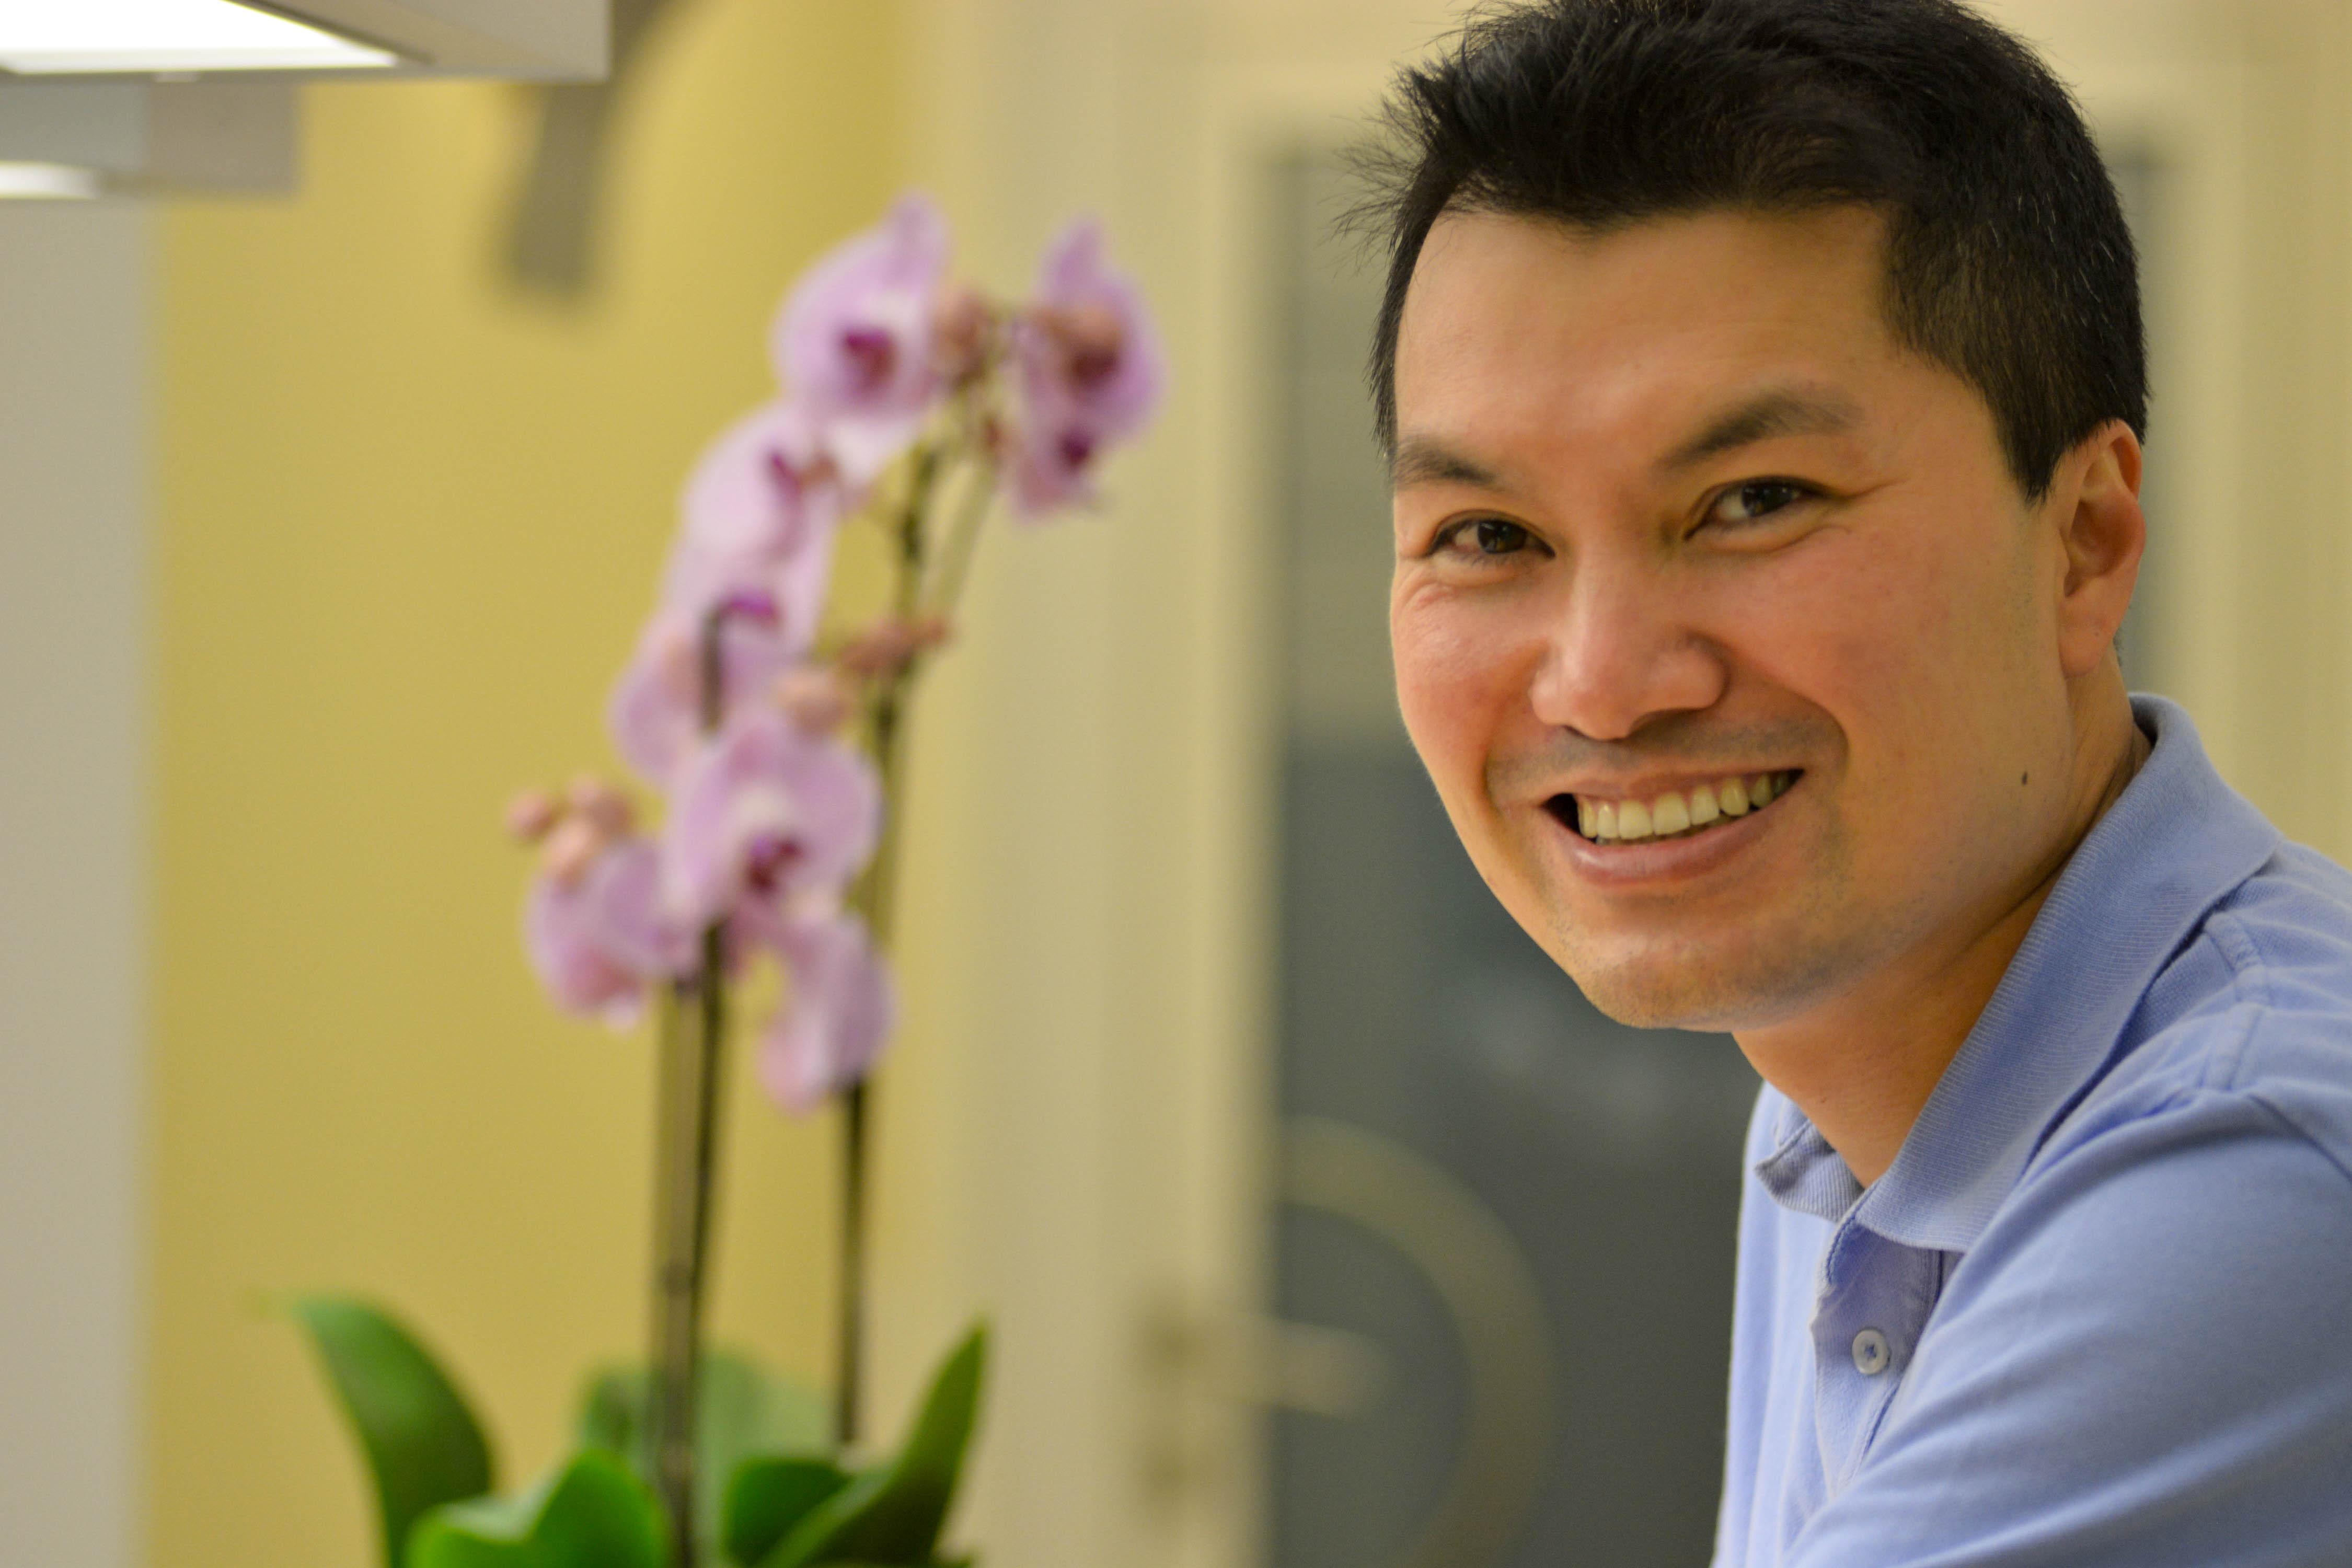 Dr. Danny Nguyen, Kardiologe1